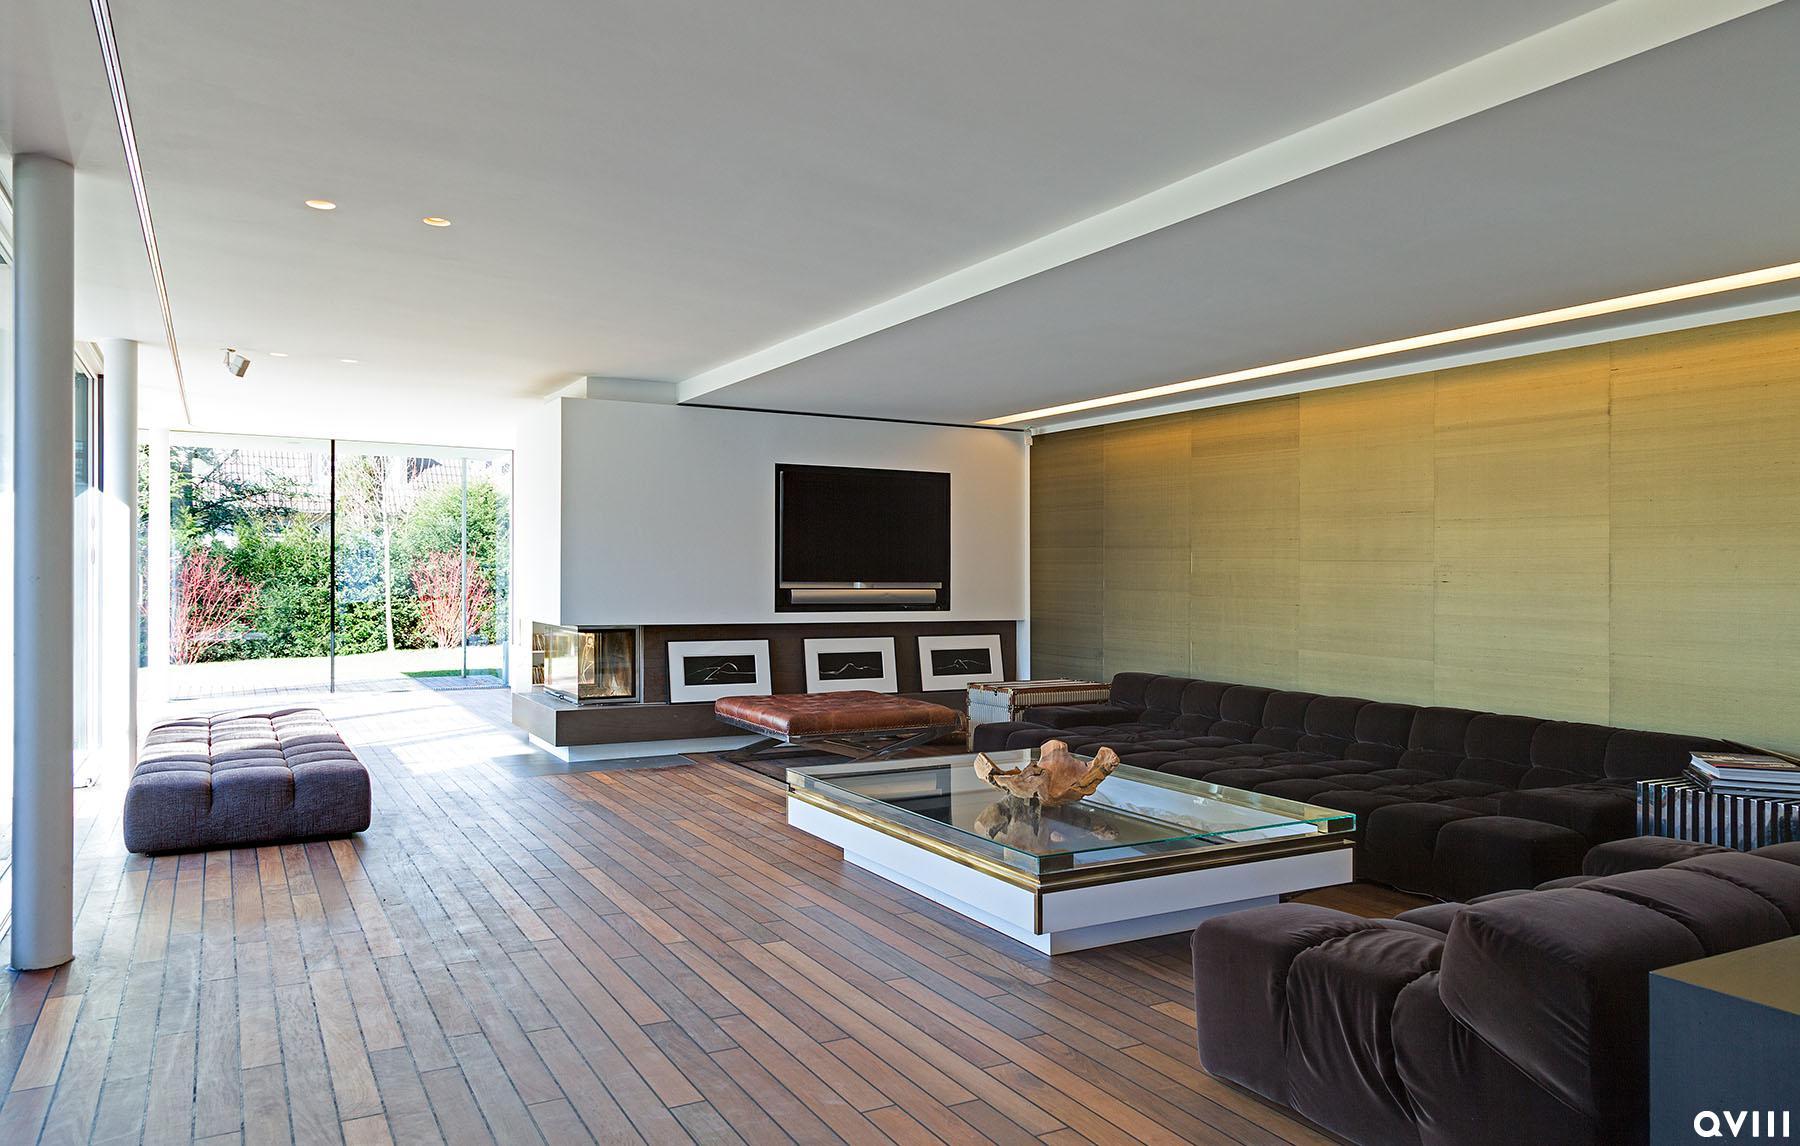 Kamin Modern Wohnzimmer Großartig On Für Mit Form Auf Design Moderne Kaminofen 2